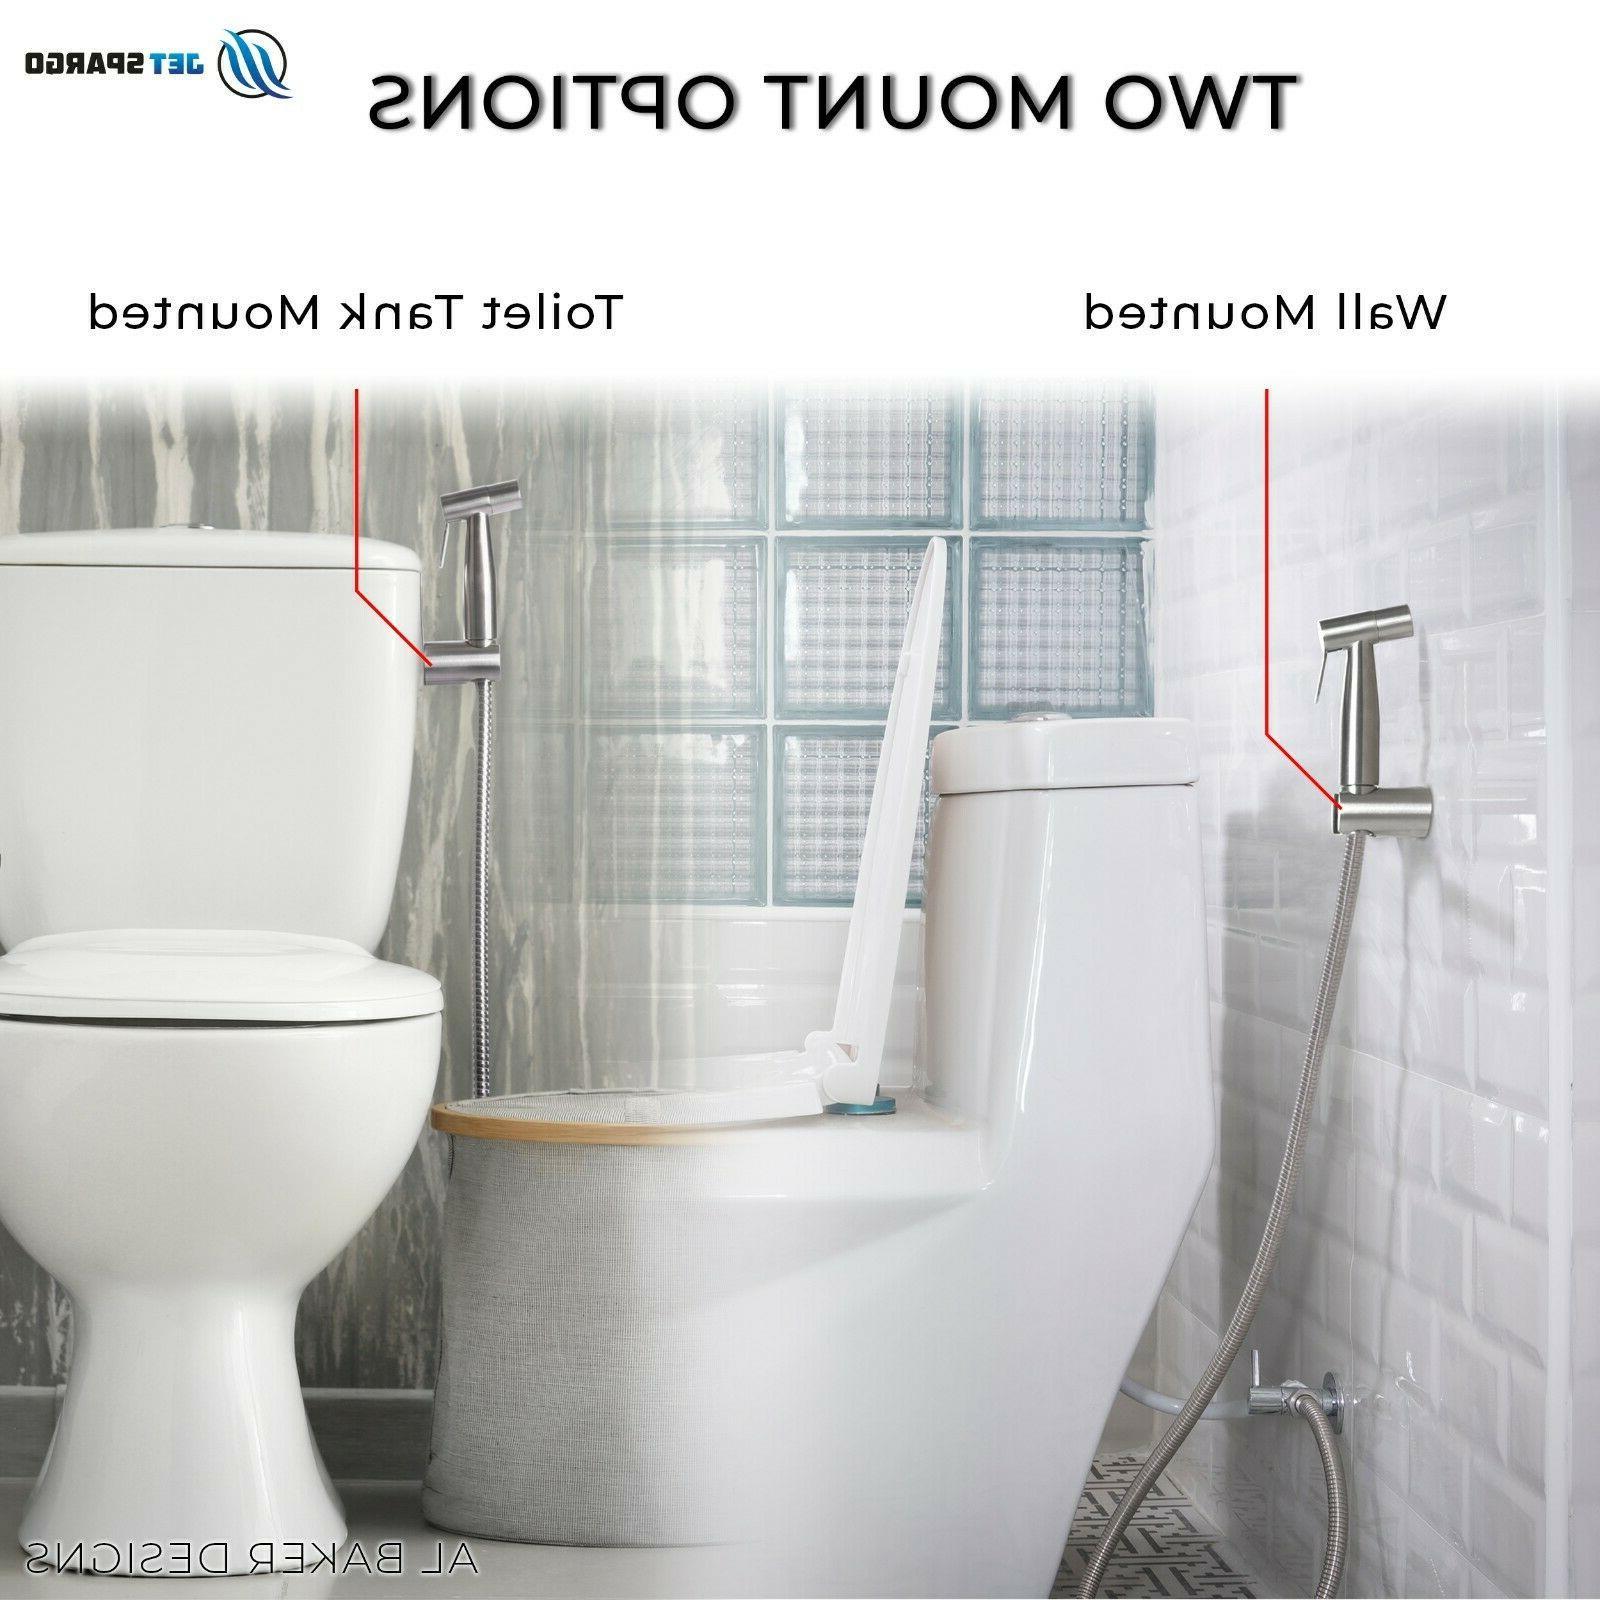 JET SPARGO Held Toilet Bidet Sprayer Shower Adaptor